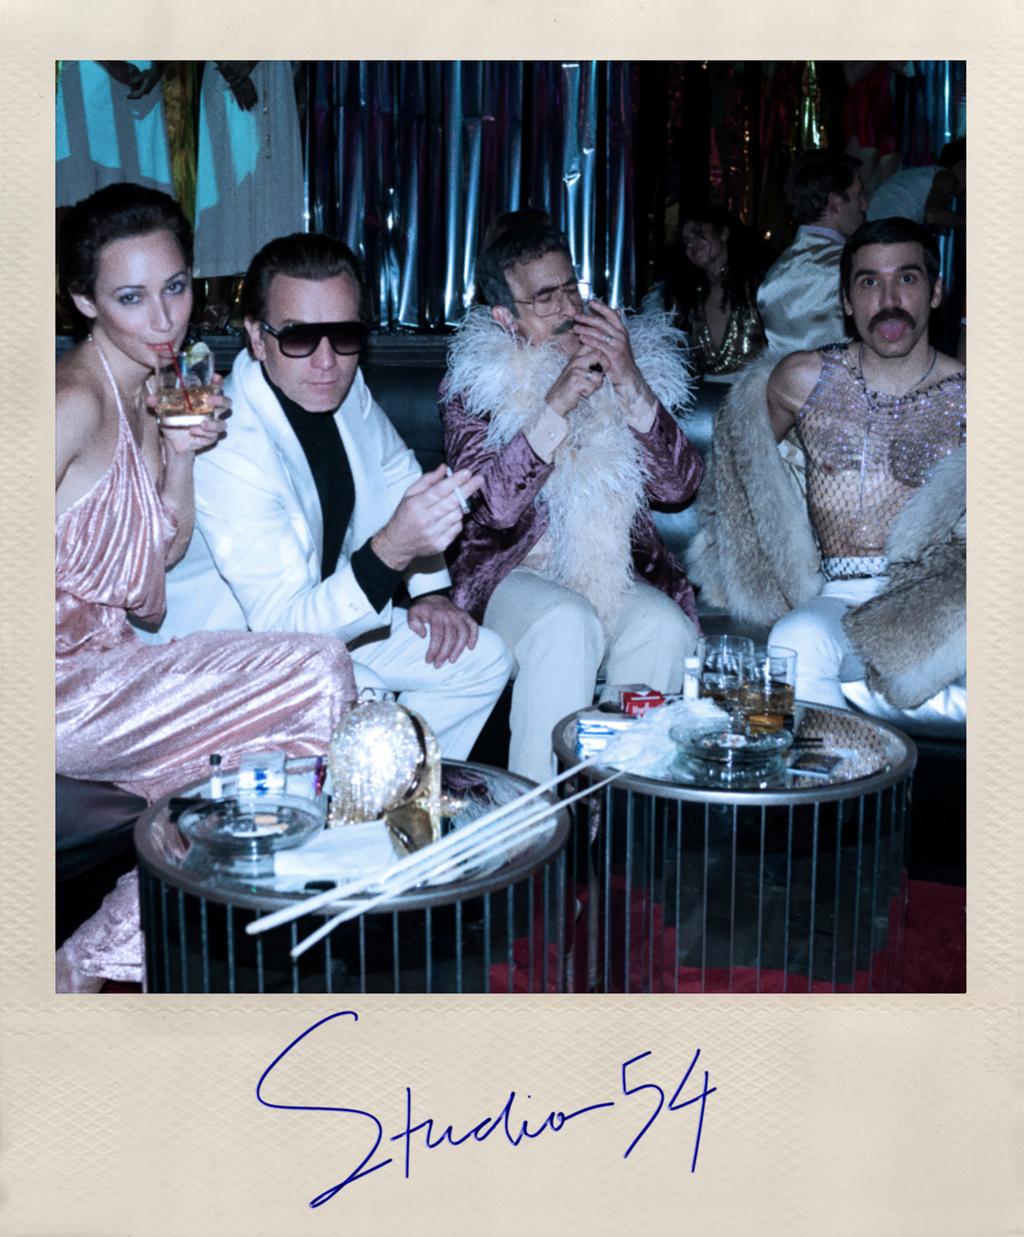 מעצב האופנה רוי הלסטון פרואיק בחליפה לבנה ב סטודיו 54 פנאי